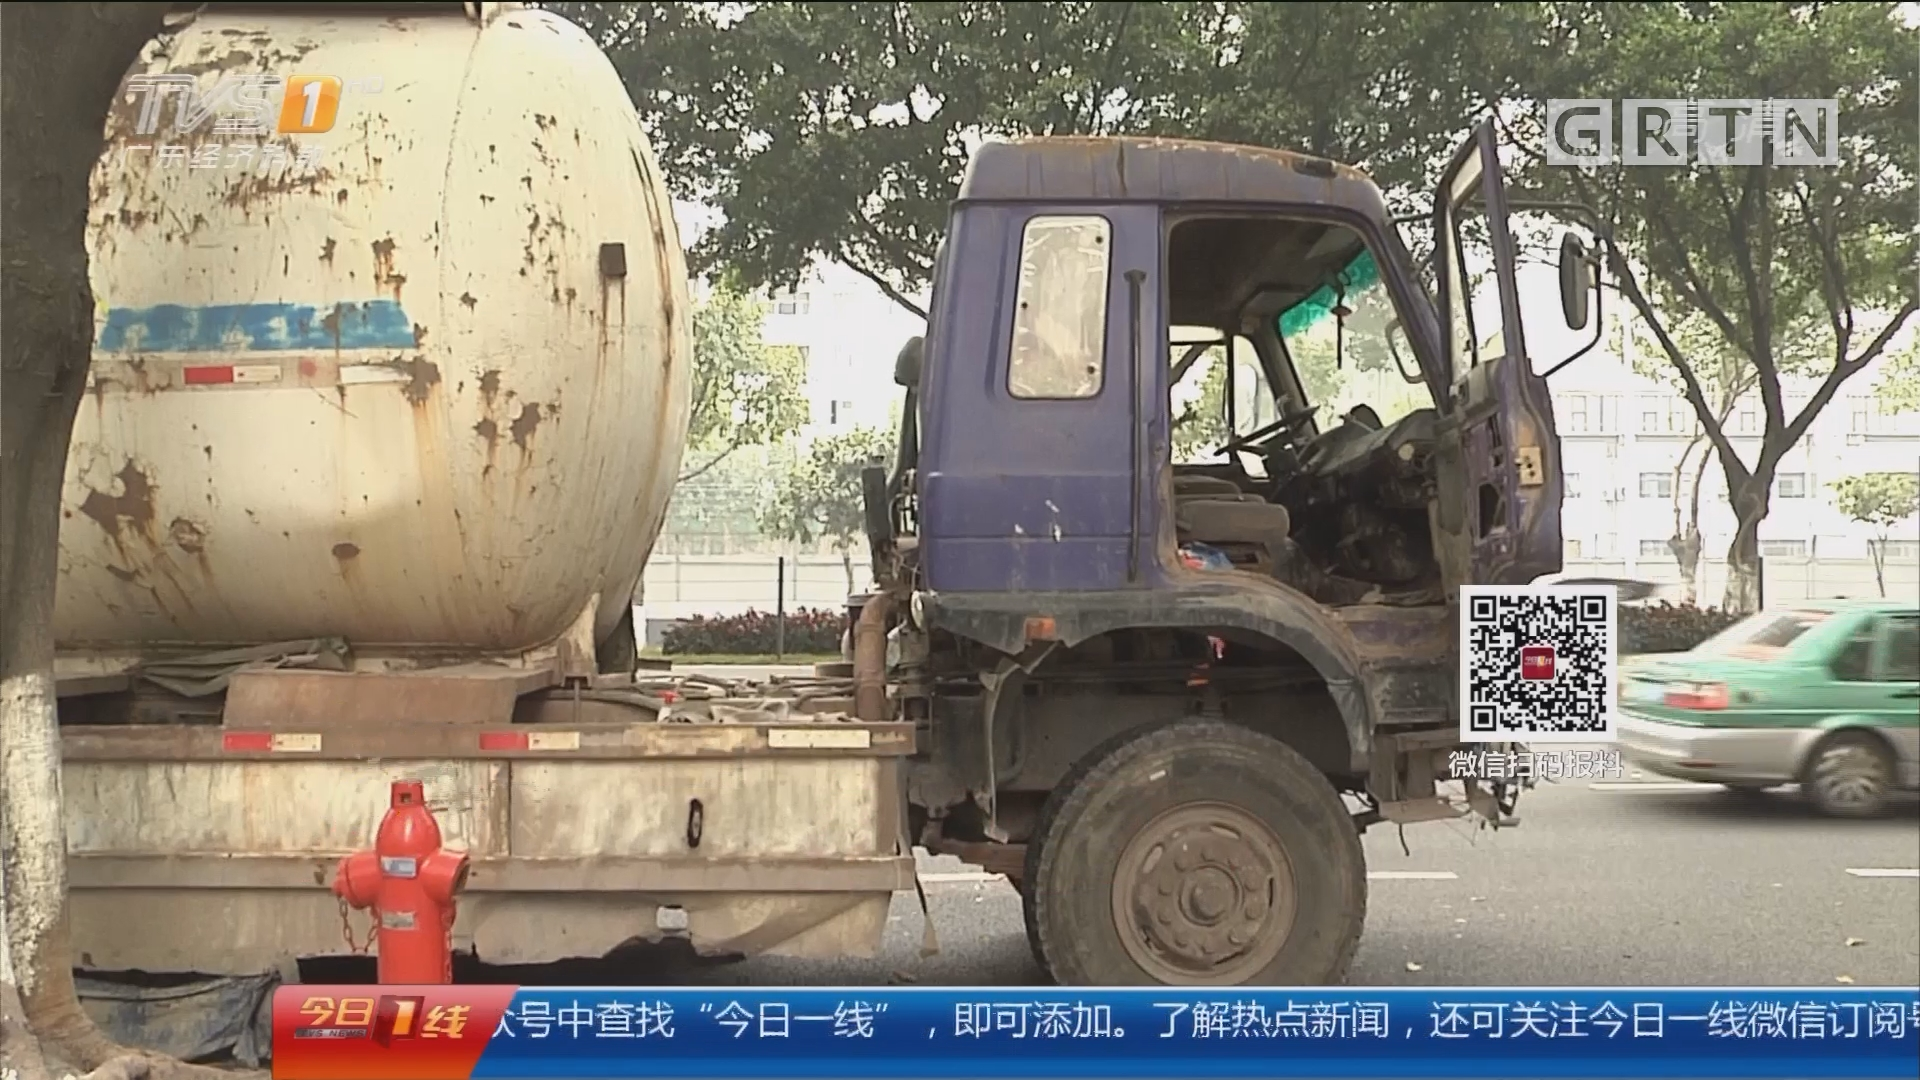 广州广园路:泥老鼠偷排泥浆被发现 弃车而逃